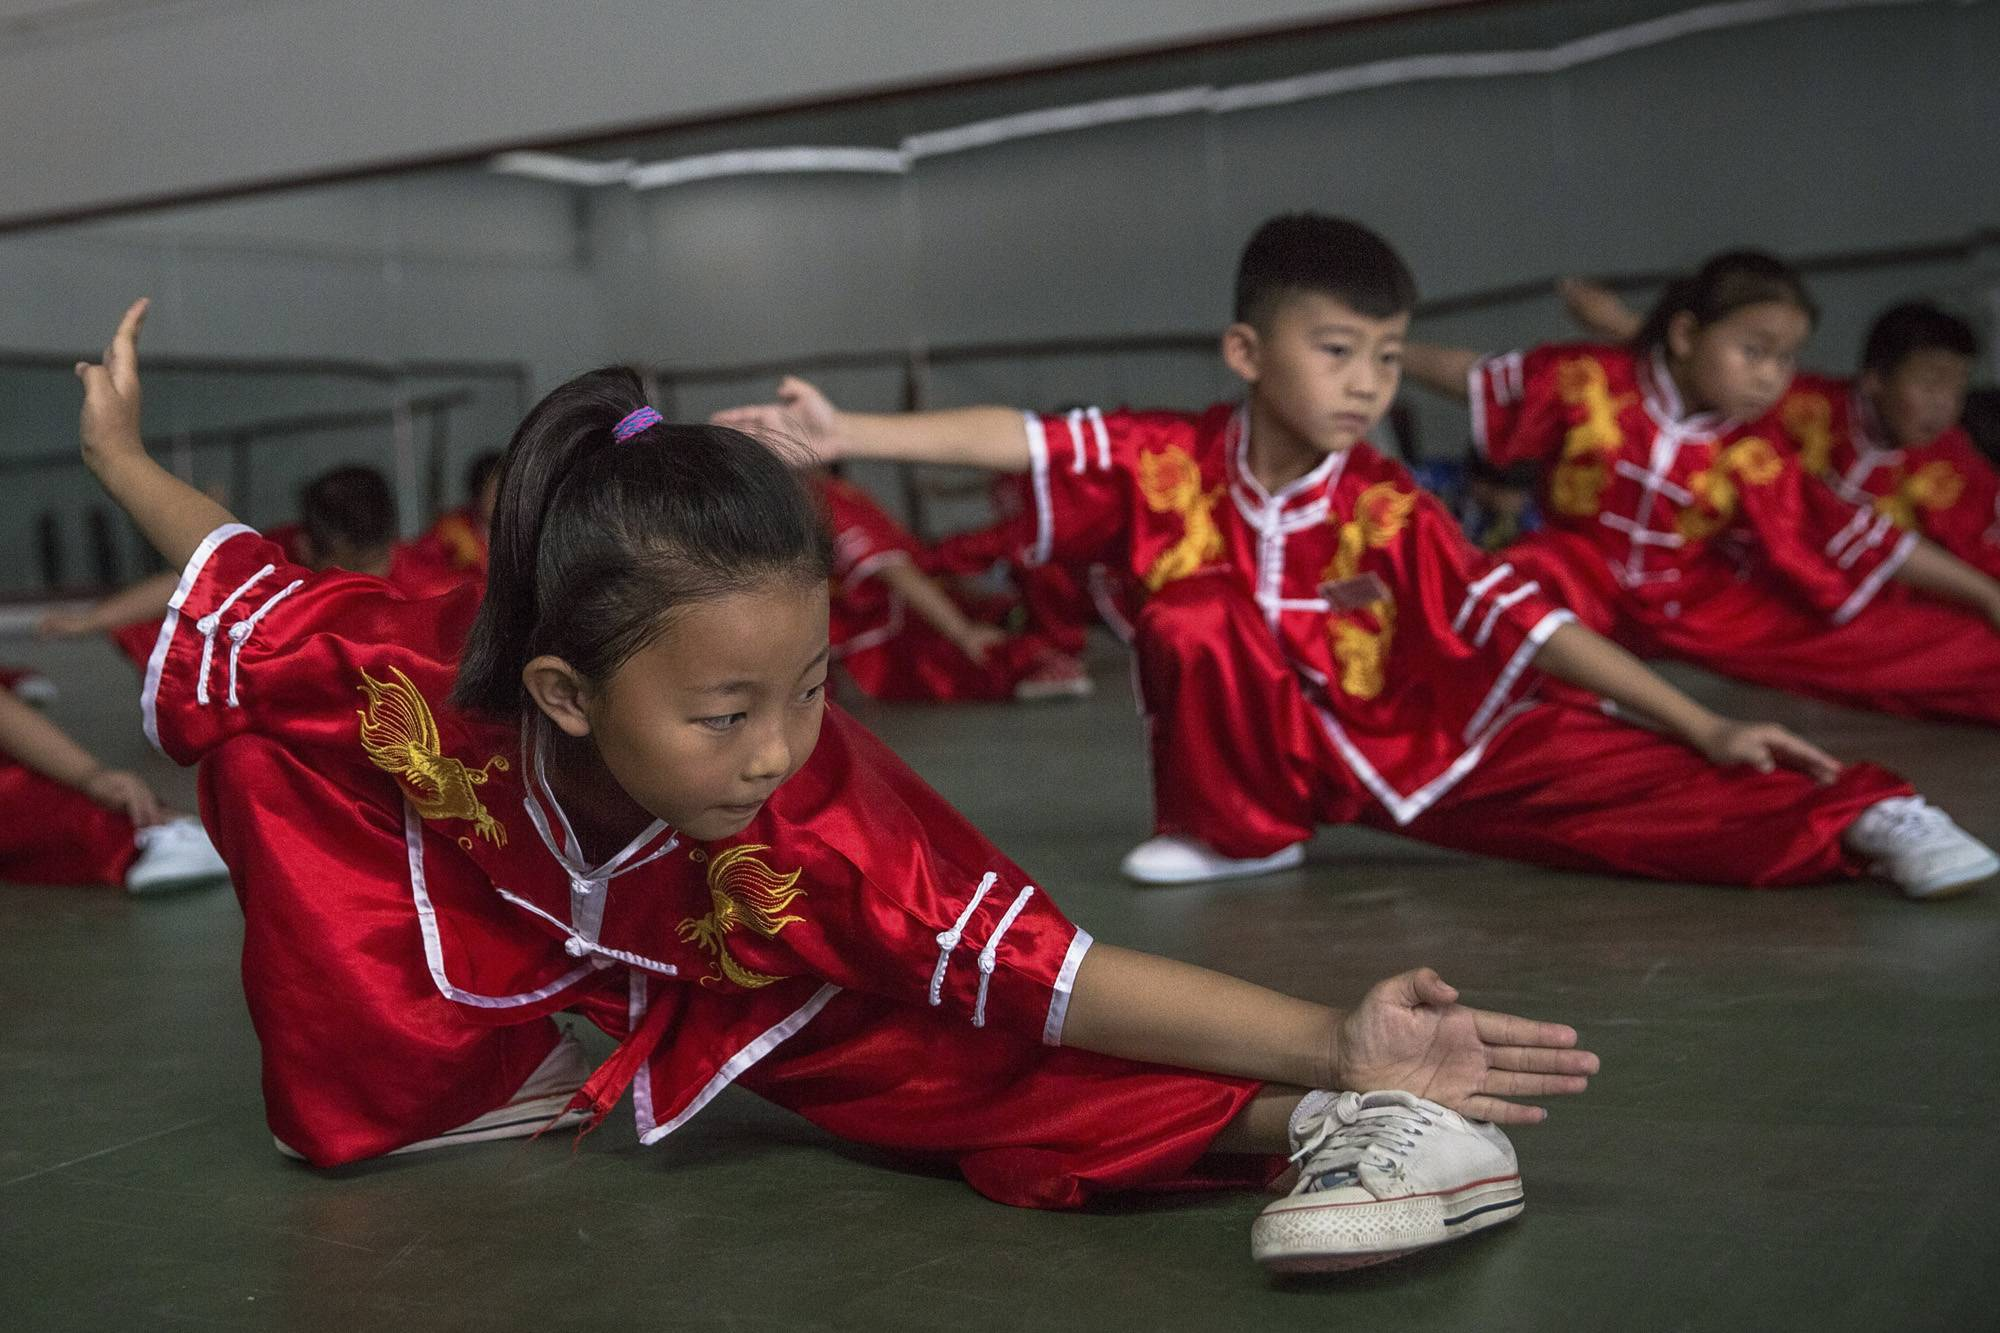 Kuan megye, 2017. szeptember 8.Formagyakorlatokat végeznek egy kungfuiskola fiatal növendékei egy kínai harcművészeti központban, a Hopej tartománybeli Kuan megyében, Pekingtől északra 2017. június 10-én. (MTI/EPA/Roman Pilipej)